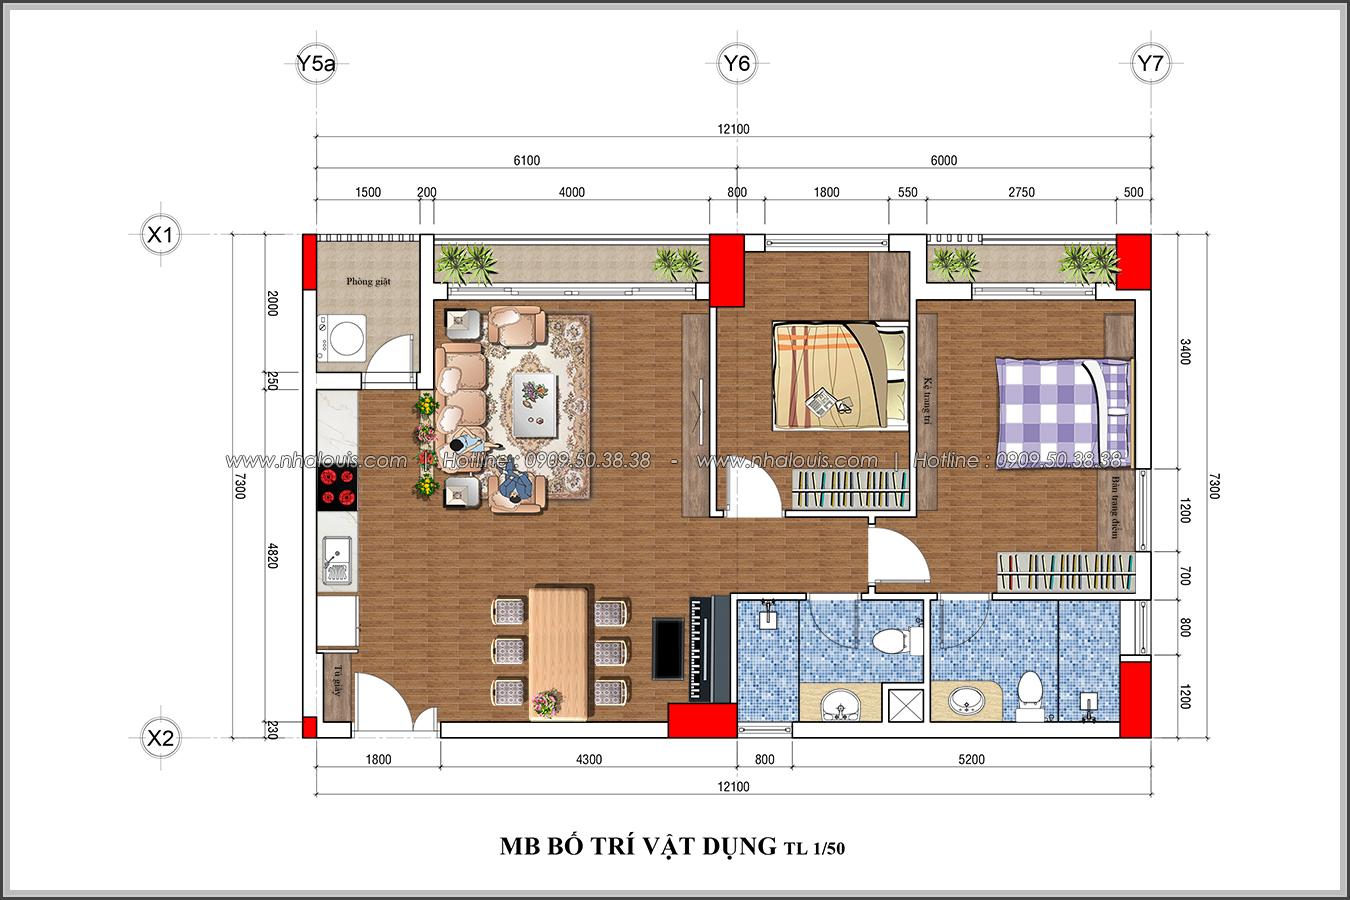 Mê mẩn thiết kế căn hộ 2 phòng ngủ Green Valley Quận 7 cực sang trọng - 20